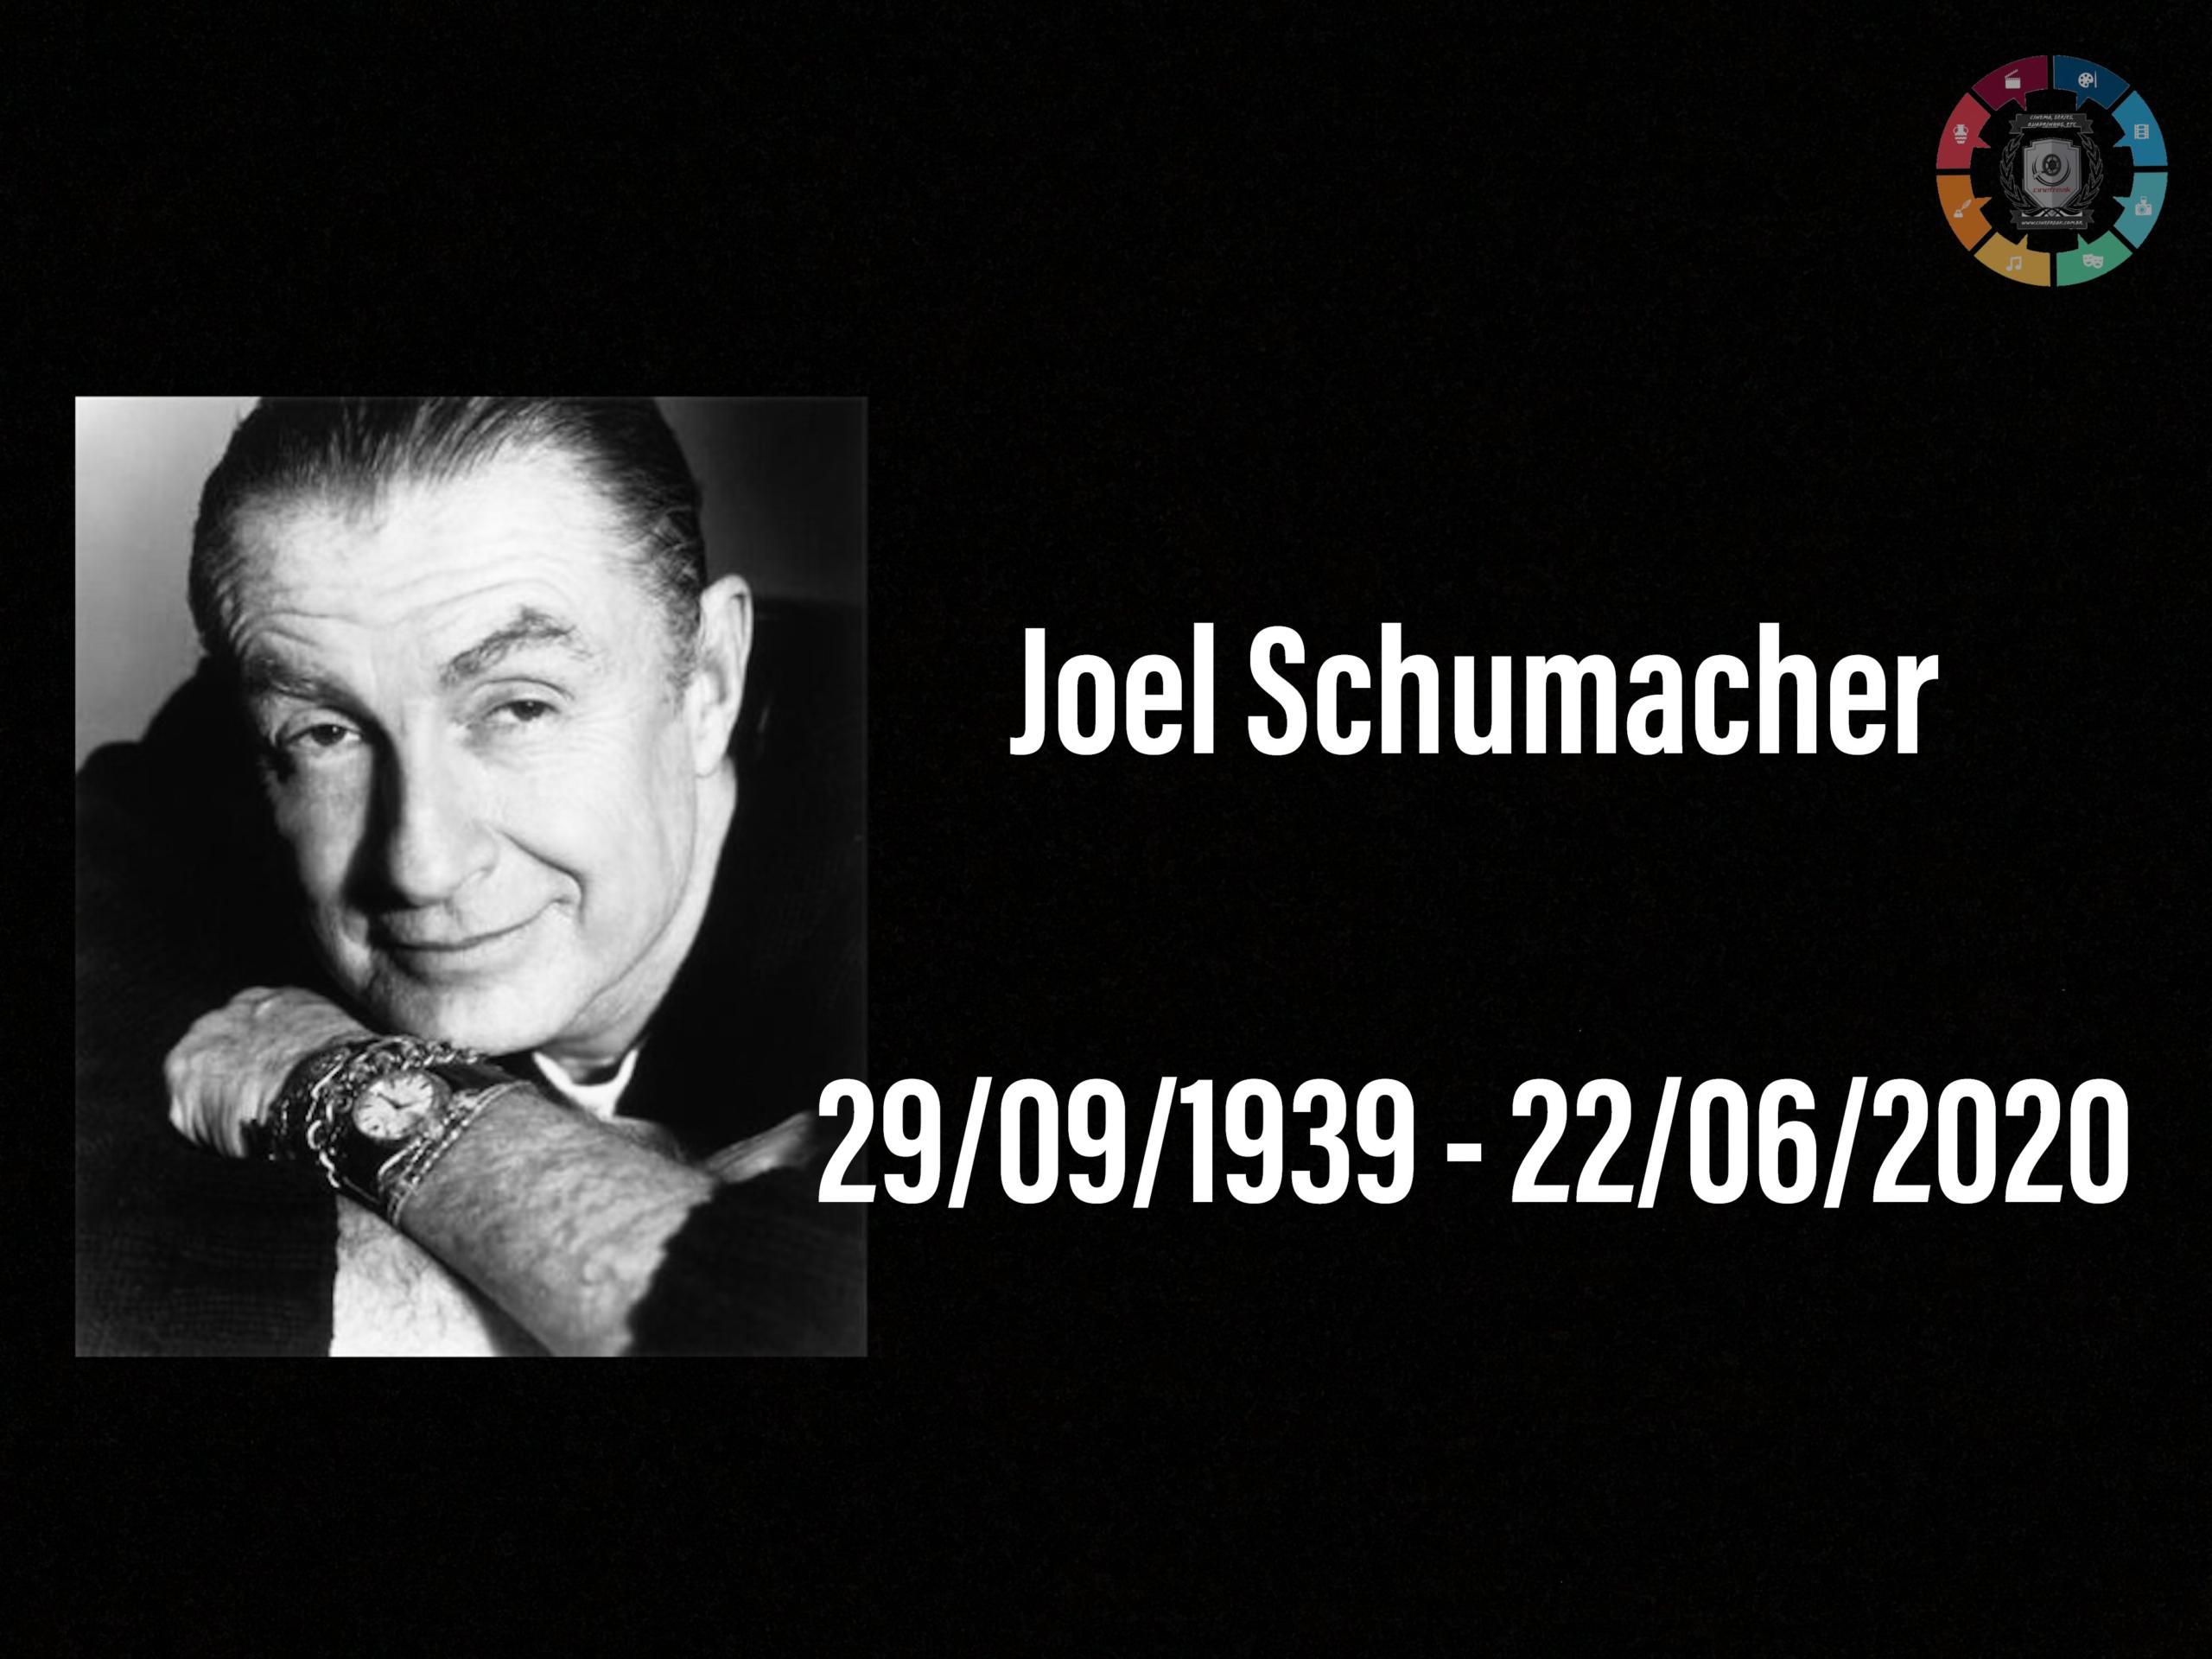 Morre o diretor de cinema Joel Schumacher aos 80 anos 3